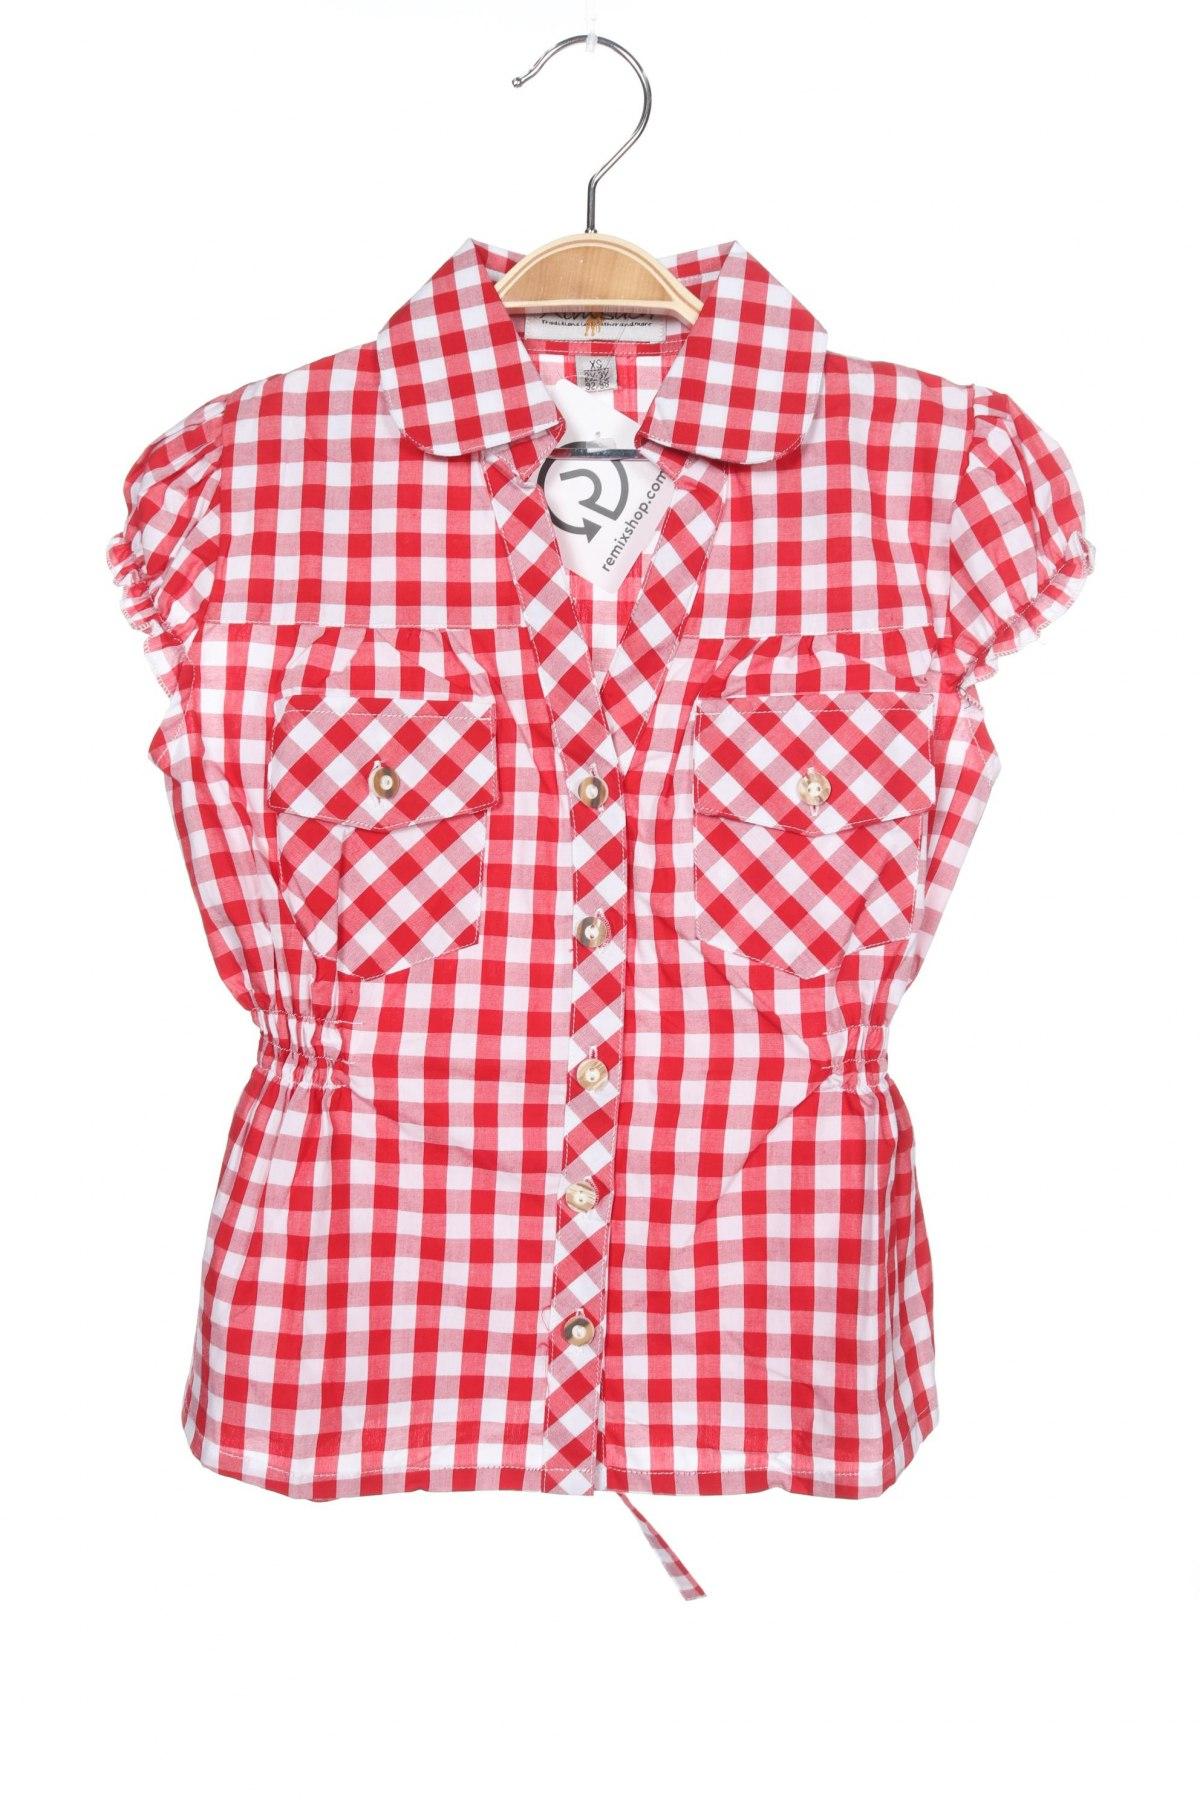 Παιδικό πουκάμισο Almsach, Μέγεθος 18-24m/ 86-98 εκ., Χρώμα Κόκκινο, Βαμβάκι, Τιμή 5,78€